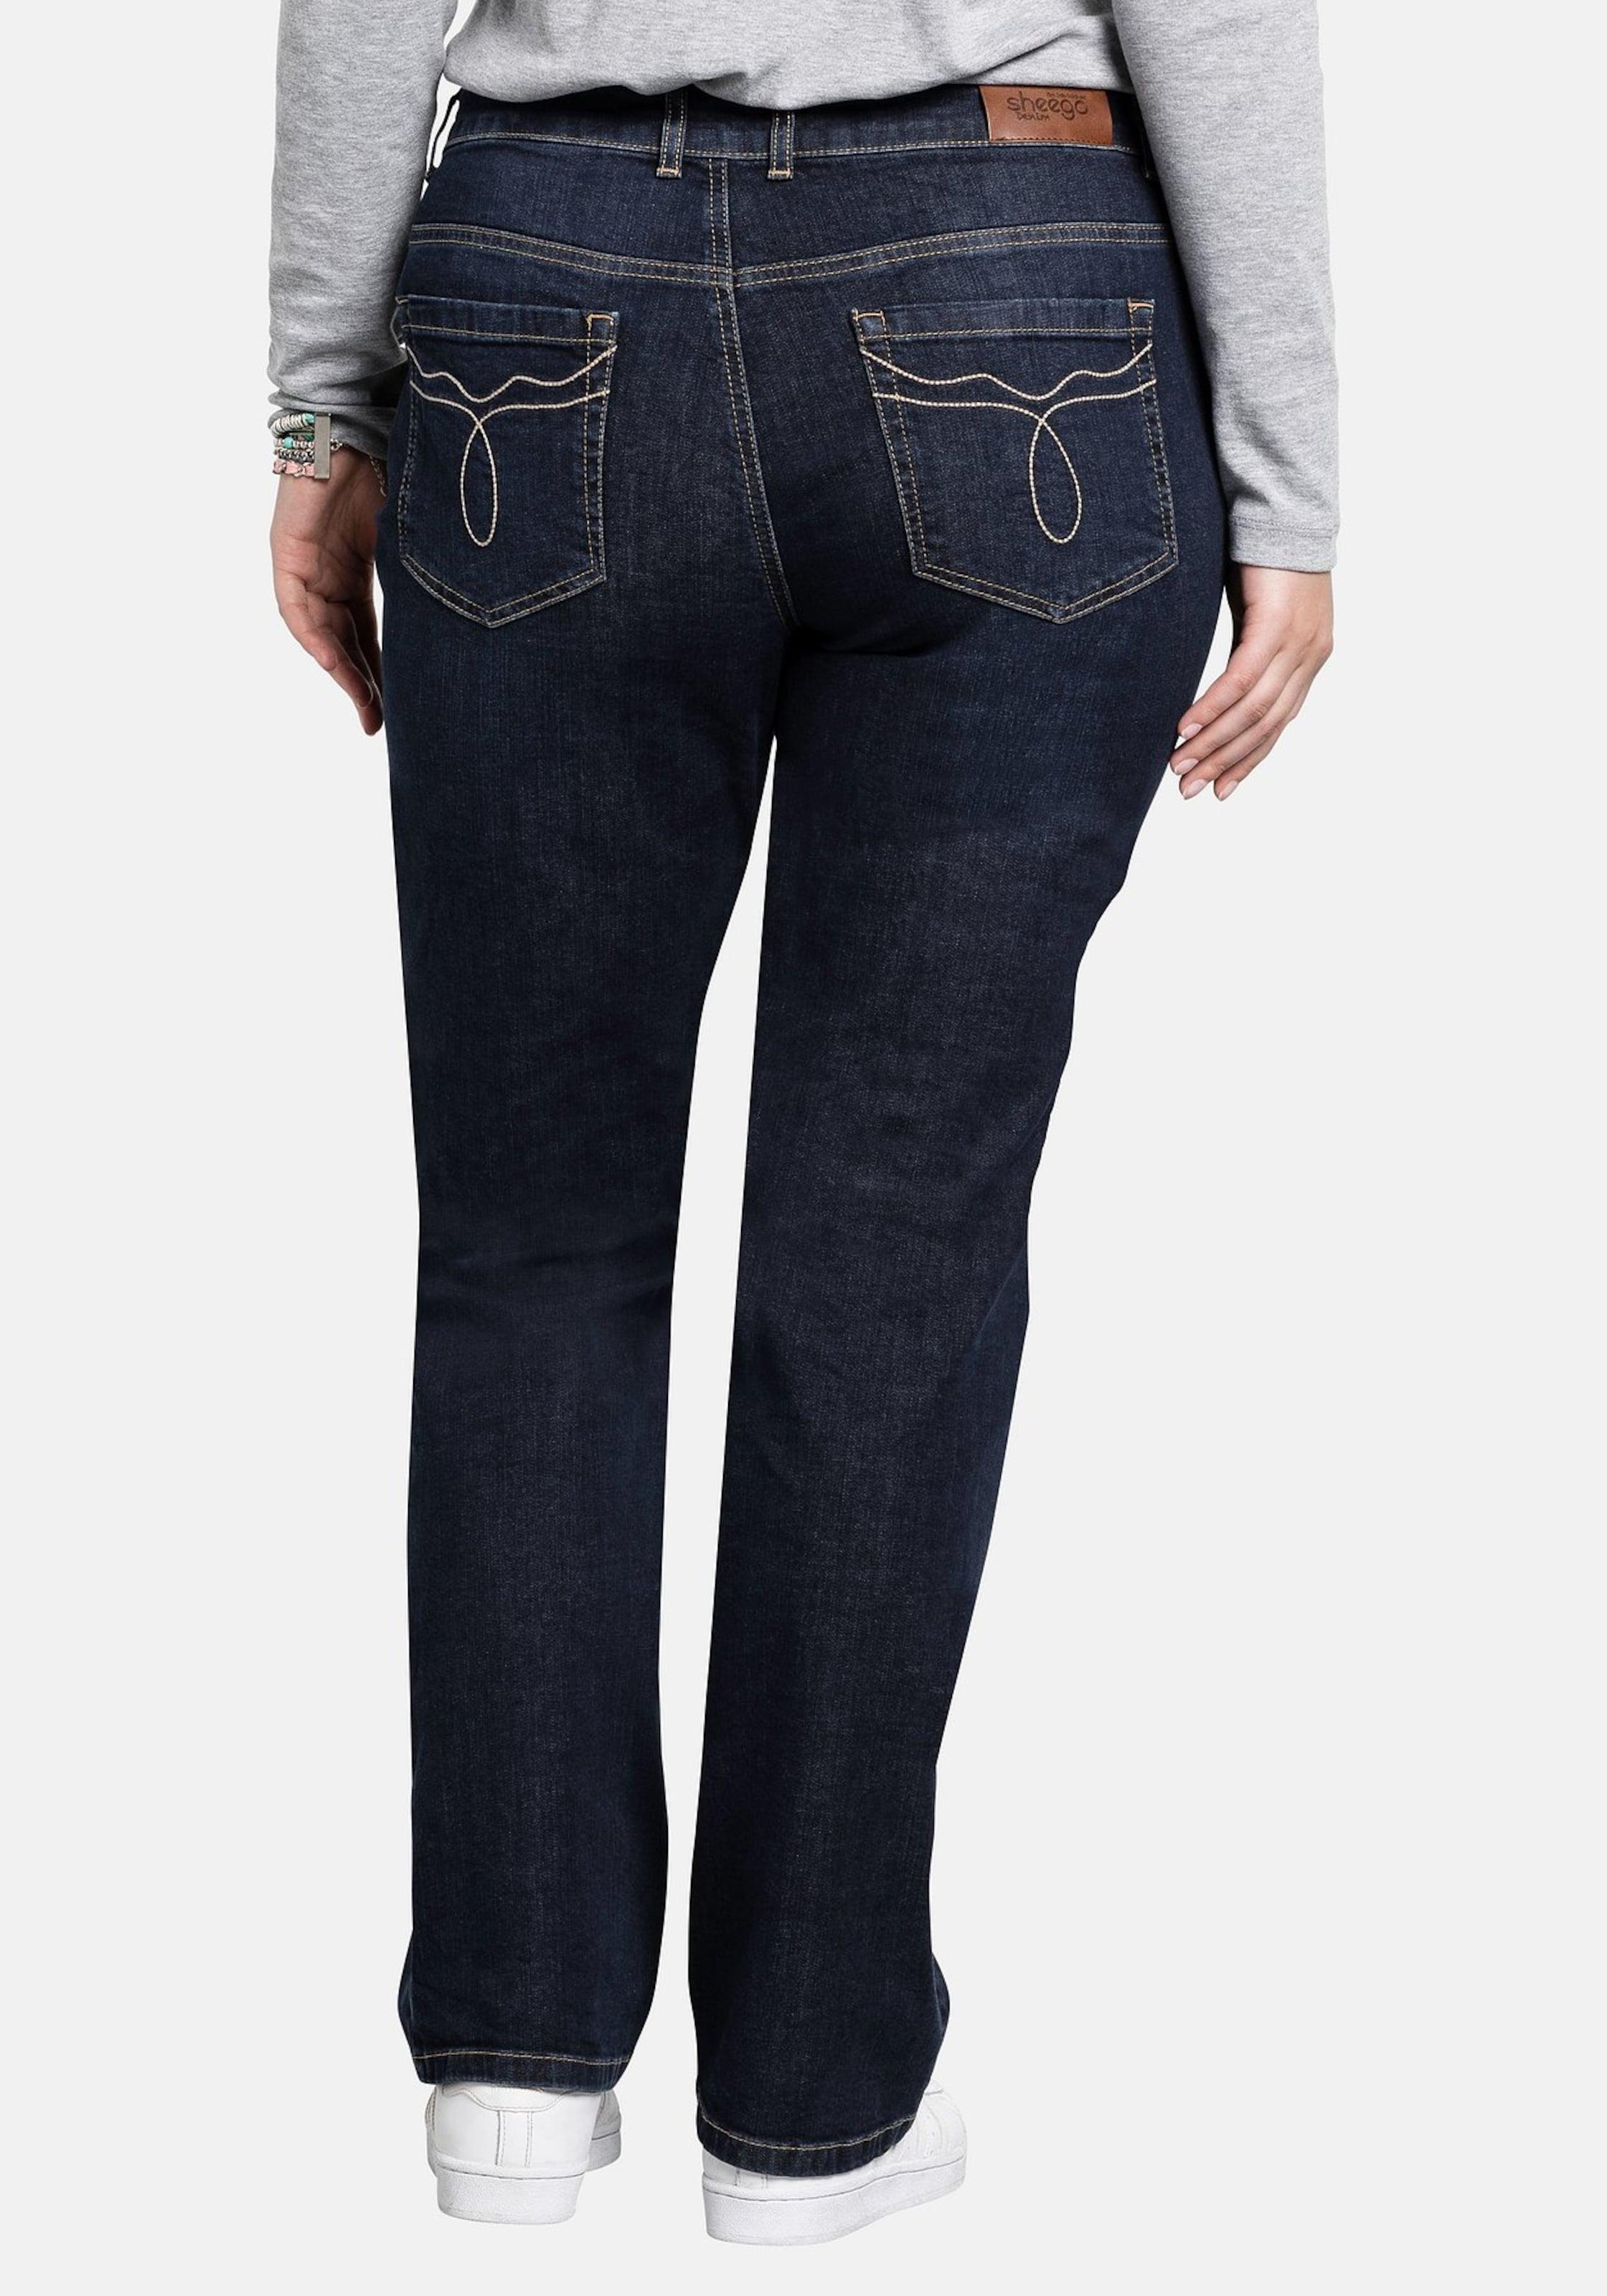 Dunkelblau Sheego Jeans Jeans 'lana' 'lana' In Sheego In 80wkNnOPX